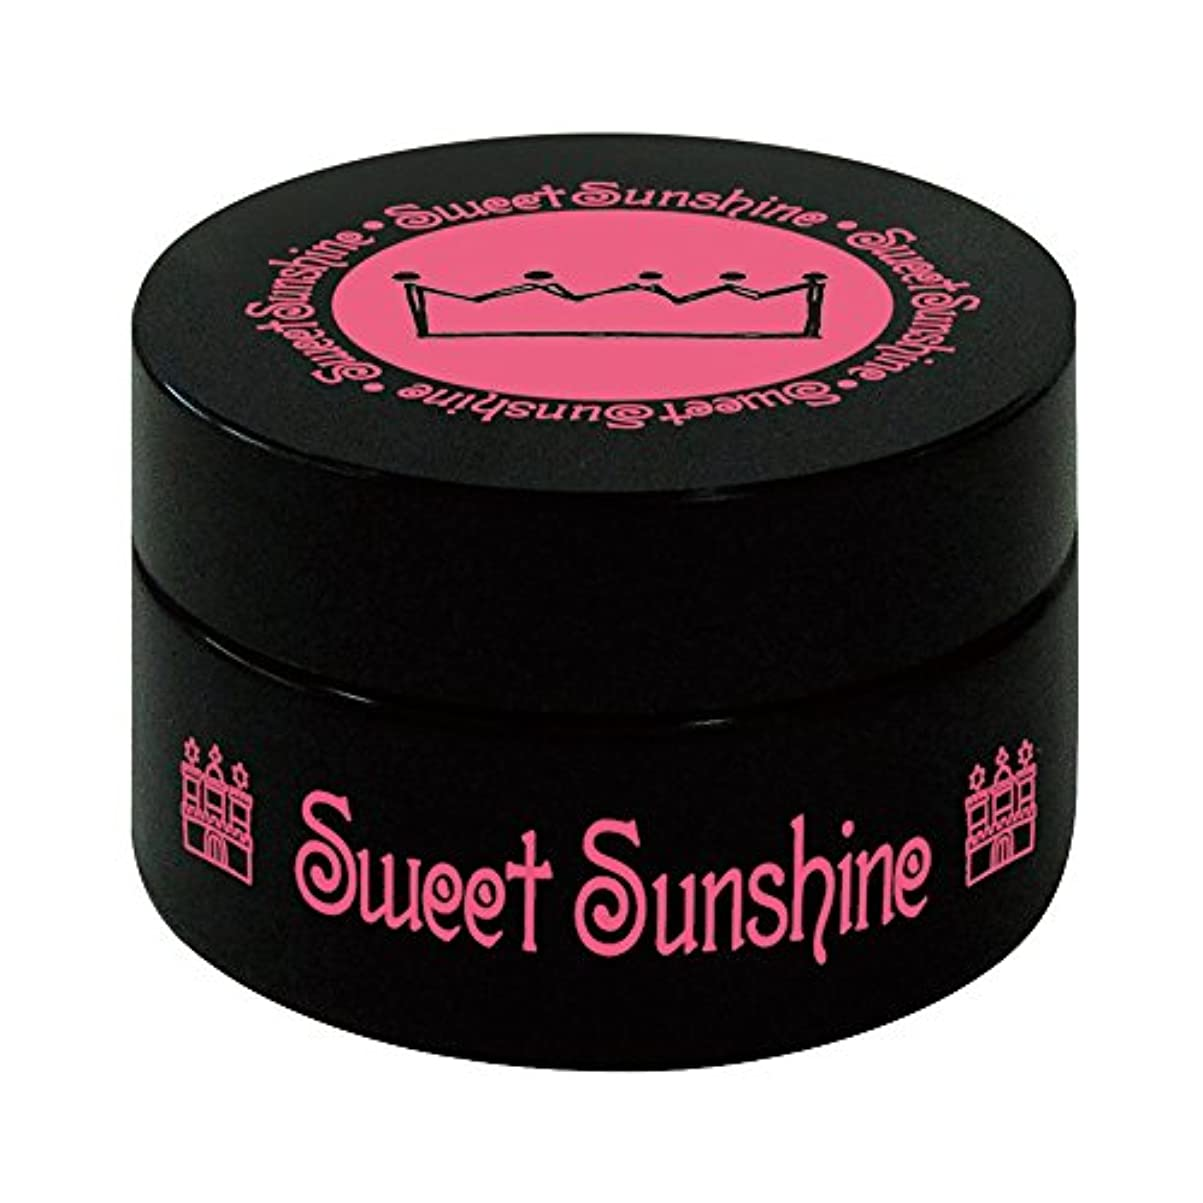 証人宇宙の中古最速硬化LED対応 Sweet Sunshine スィート サンシャイン カラージェル SC-5 4g サンシャインビーチレッド